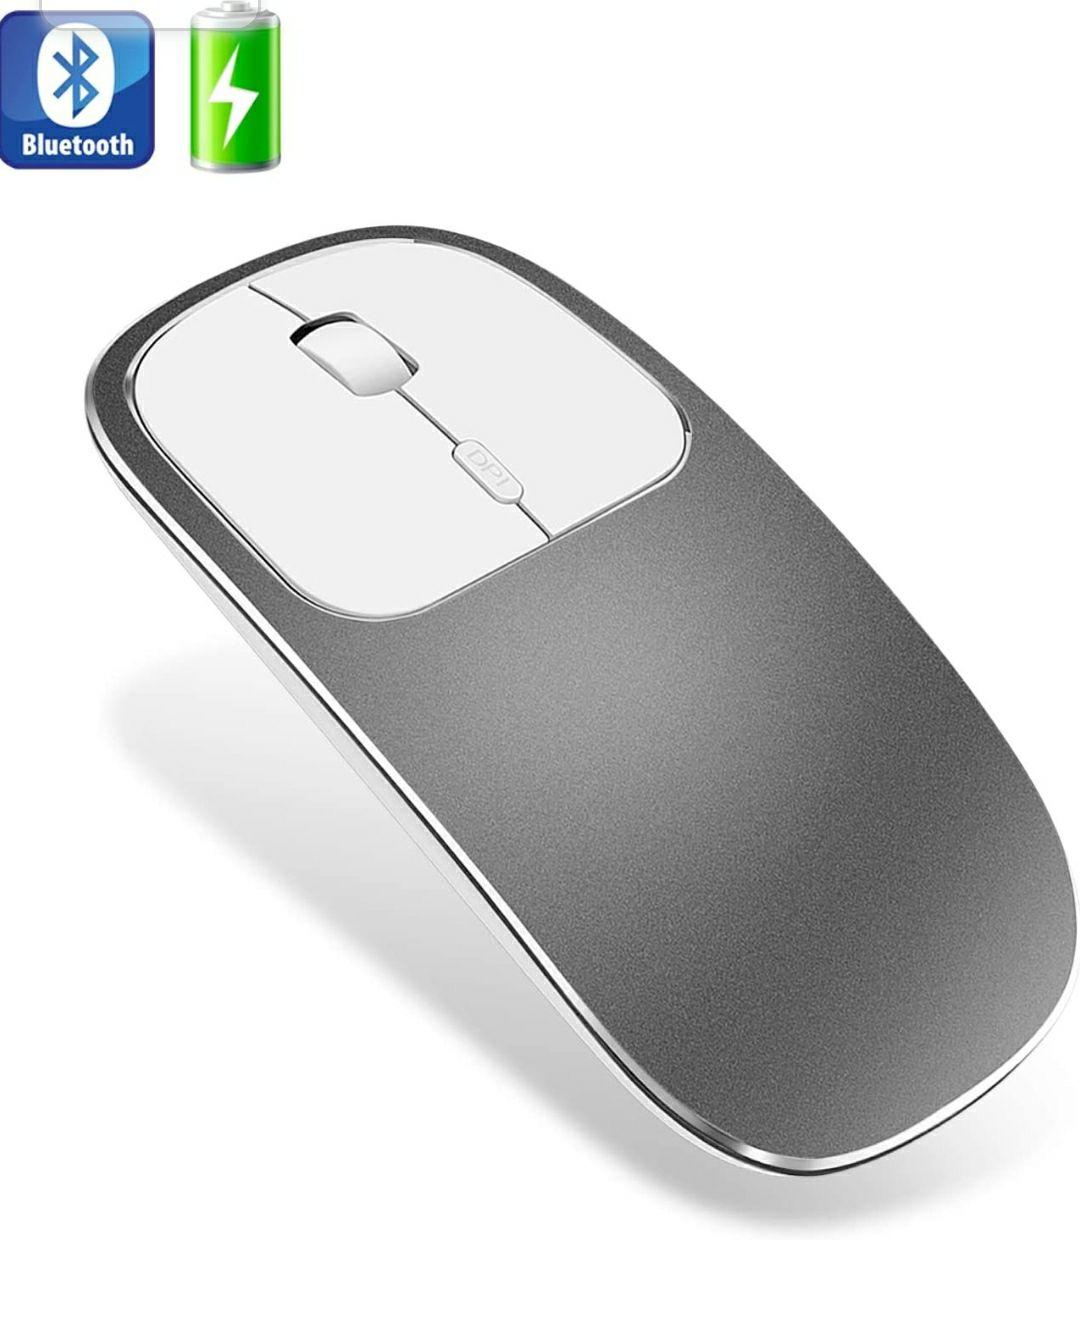 Ratón Bluetooth, ultradelgado de metal sin ruido, inalámbrico, recargable, compatible con portátiles